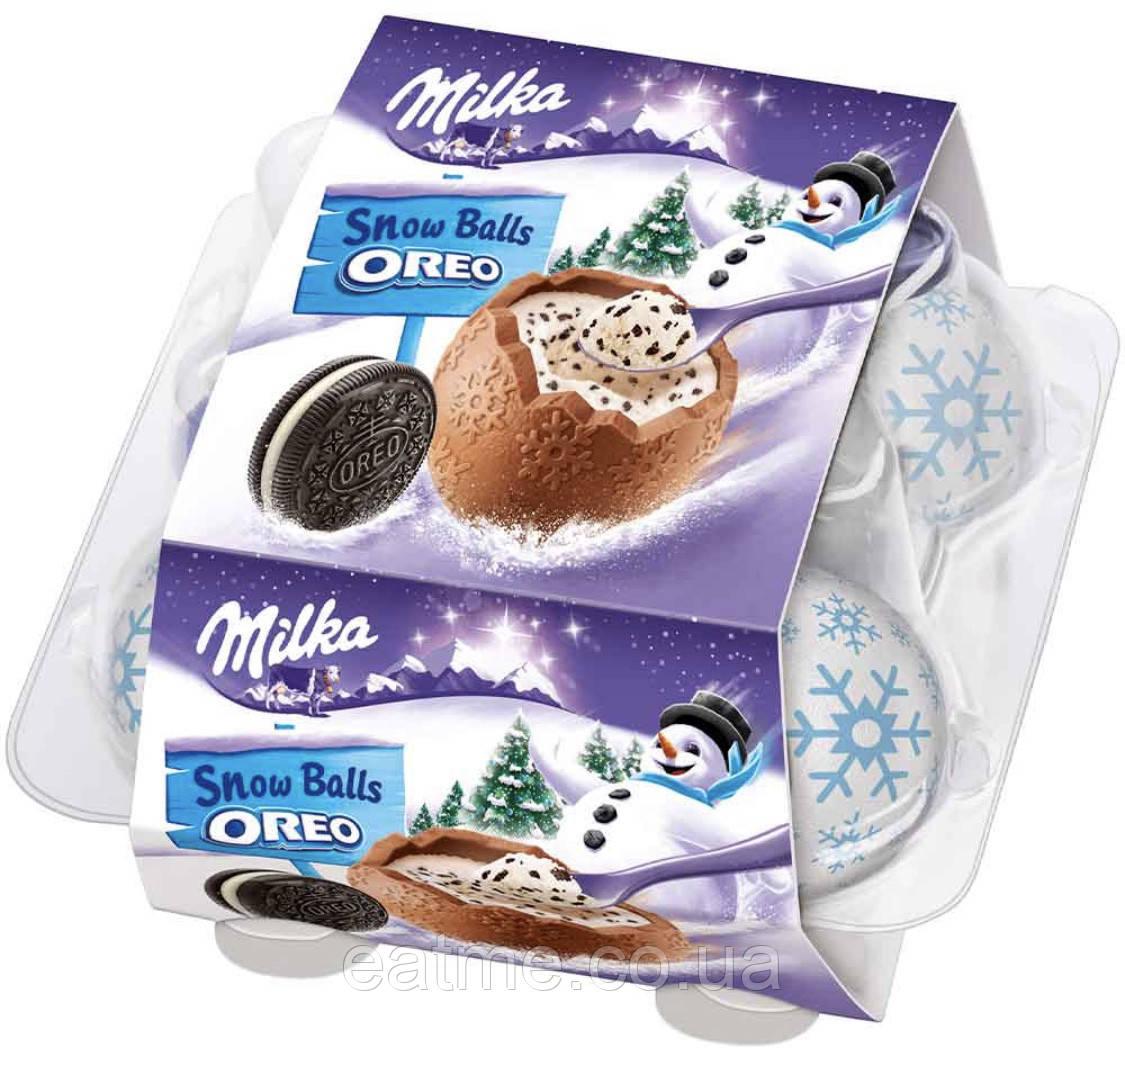 Milka Snow Balls Oreo Шоколадные шарики со сливочной начинкой с печеньем Oreo